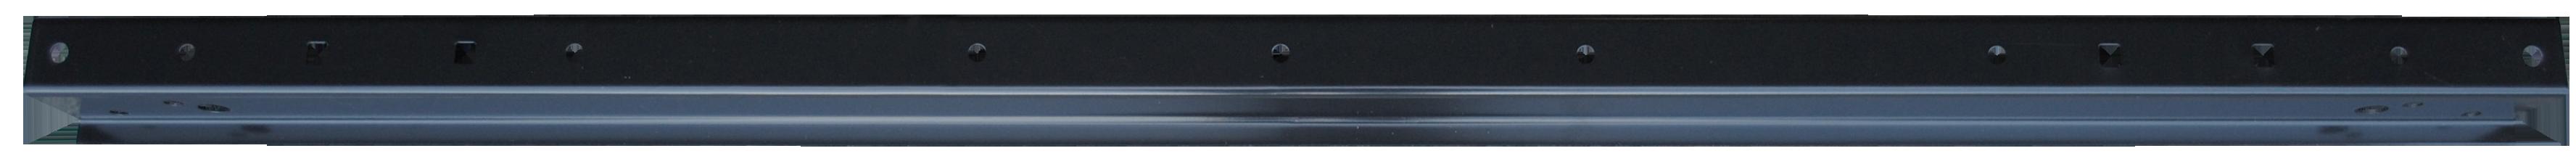 1963-72 C10 bed cross sill stepside w/bracket holes